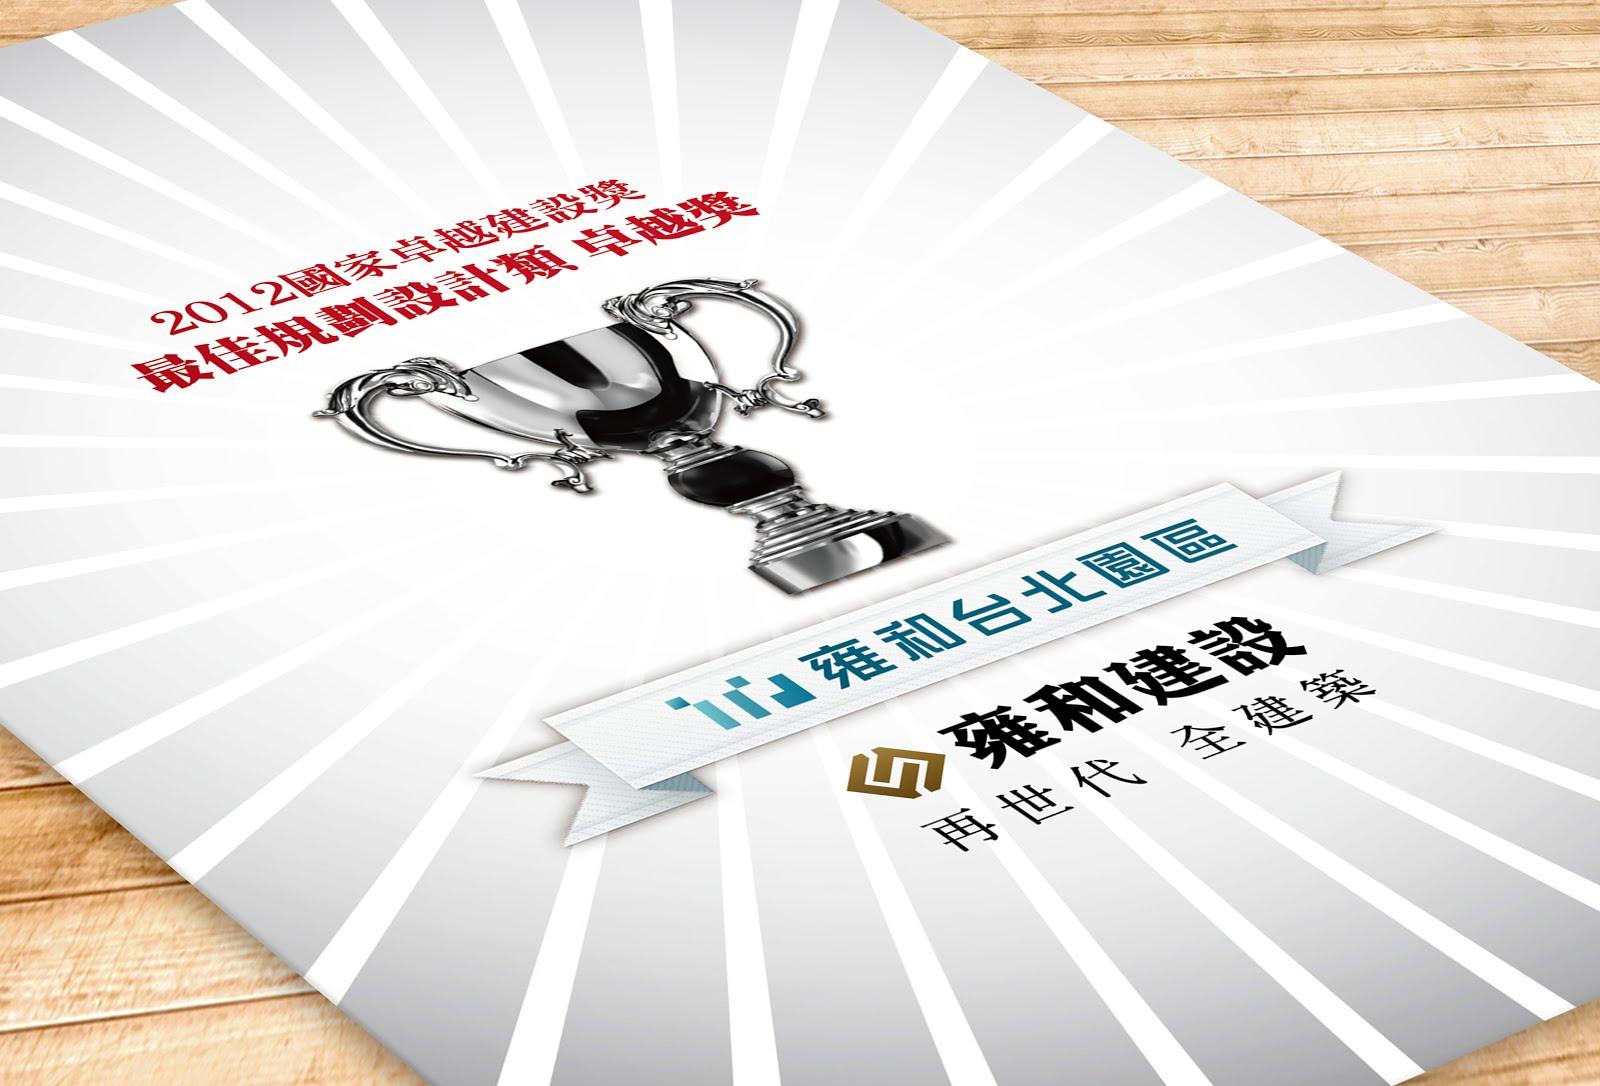 雍和建設廣告設計 - 雙面DM  by MUMULab.com